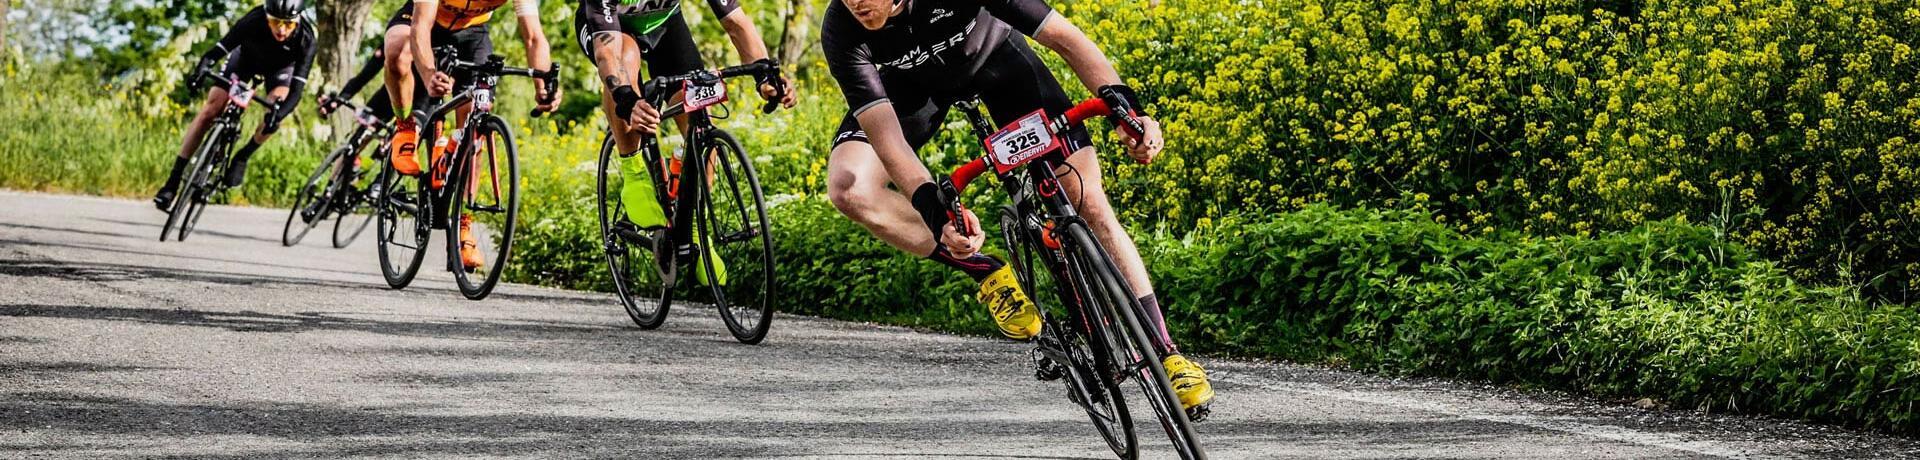 granfondoviadelsale it bike-breakfast 011